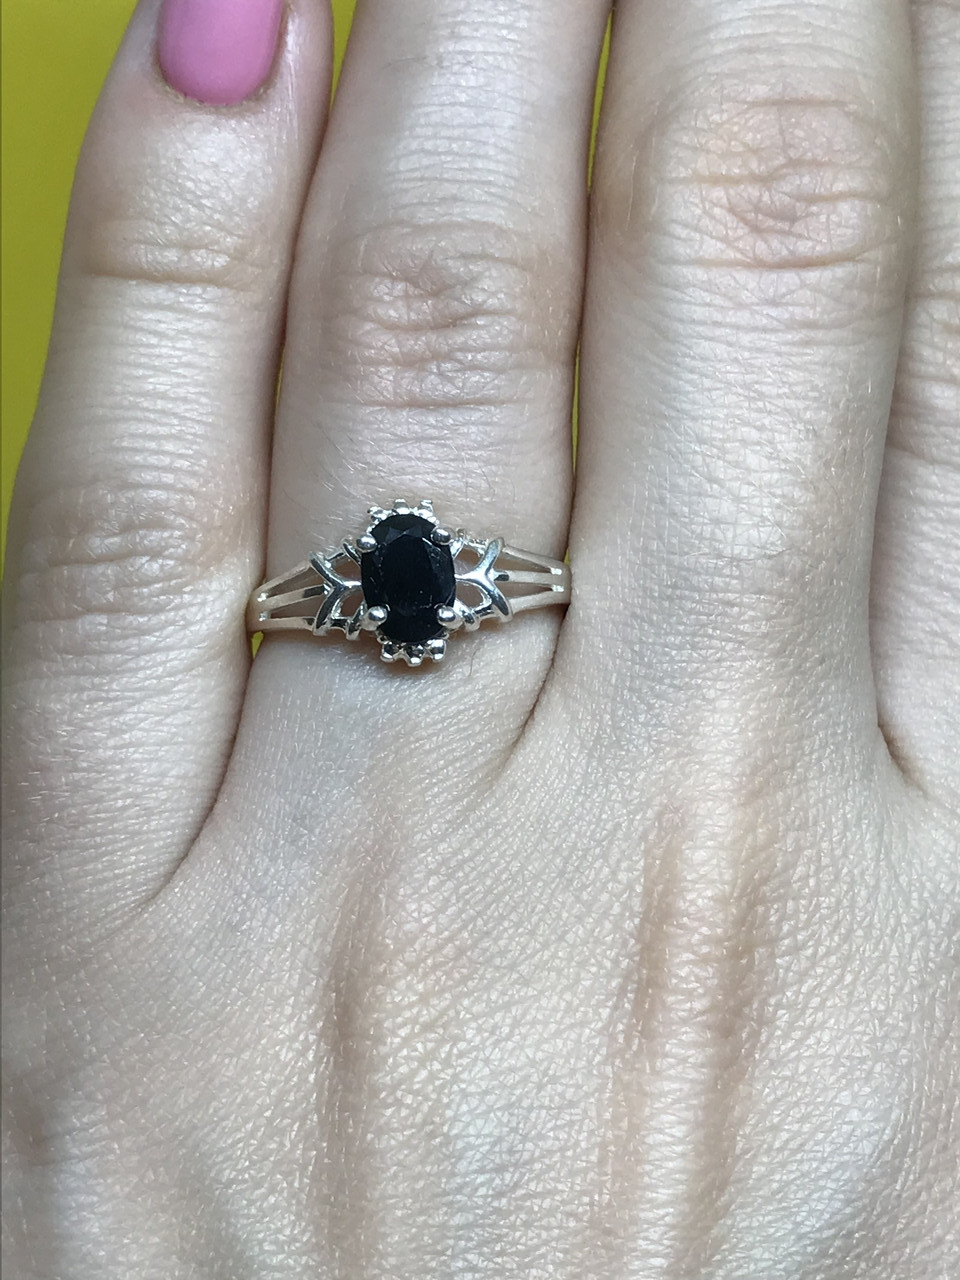 Серебряное кольцо 925 пробы с камнем черная шпинель